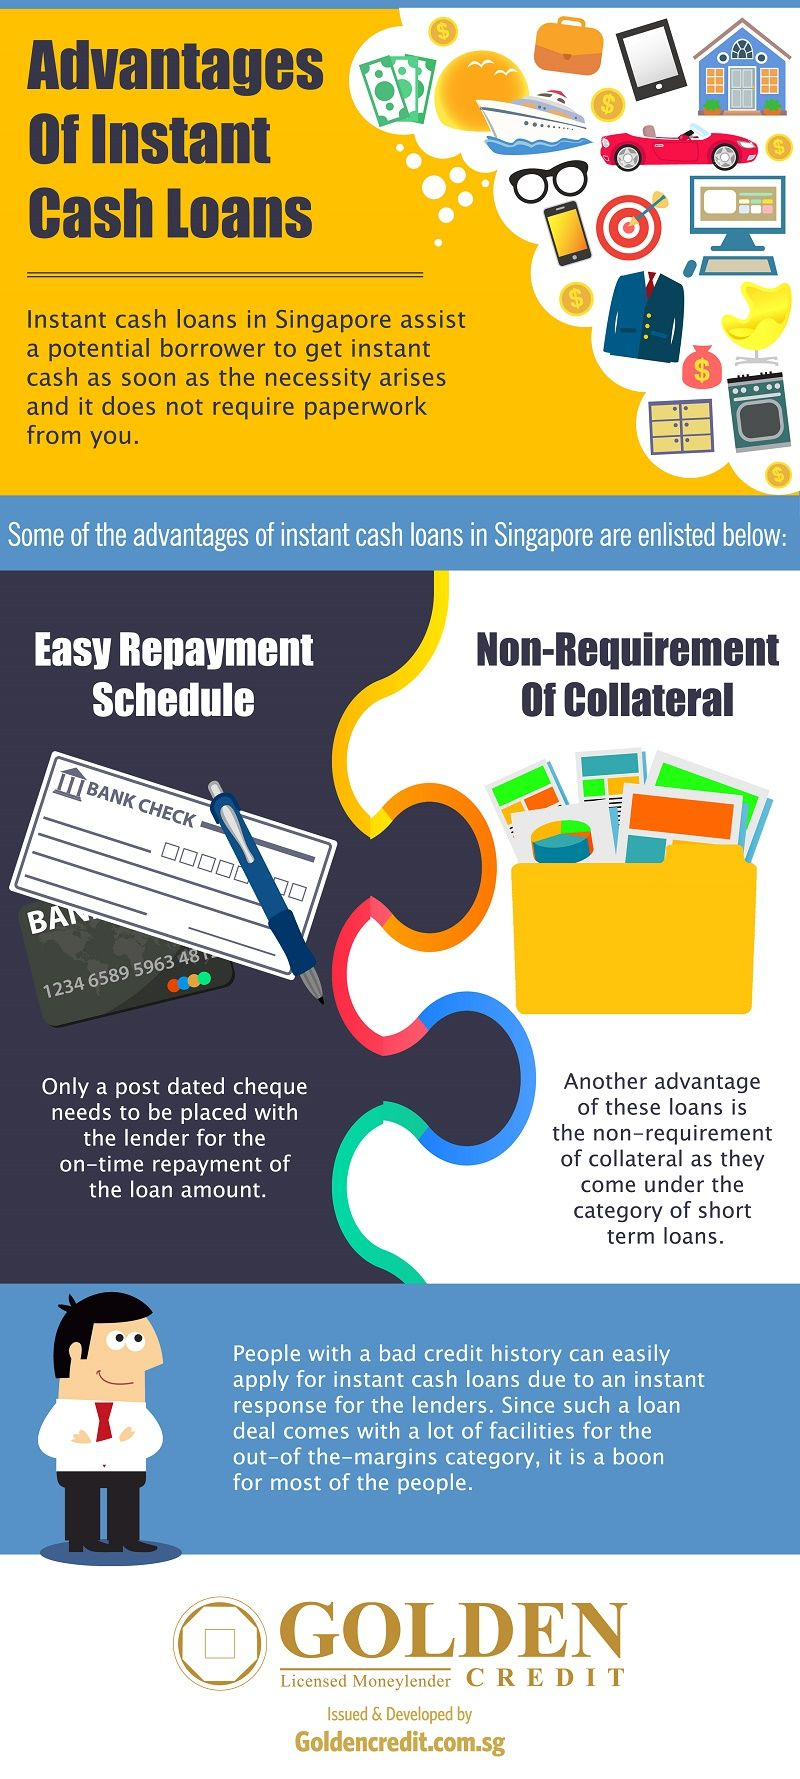 Advantages Of Instant Cash Loans In 2020 Cash Loans Instant Cash Loans Instant Cash